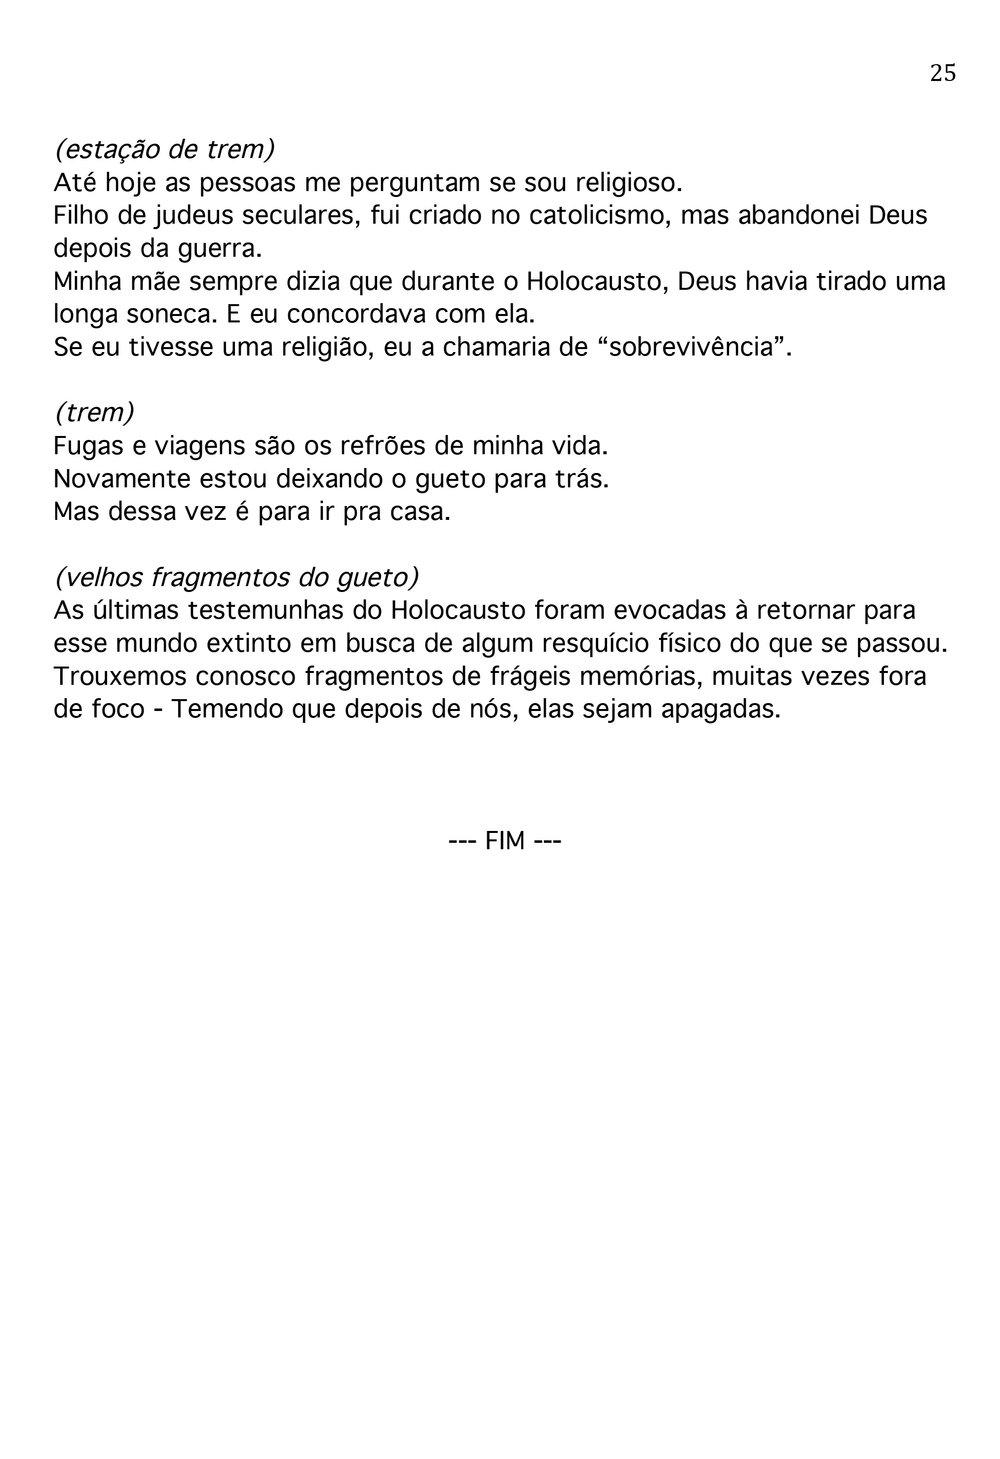 PORTUGUESE-SCRIPT-25.jpg